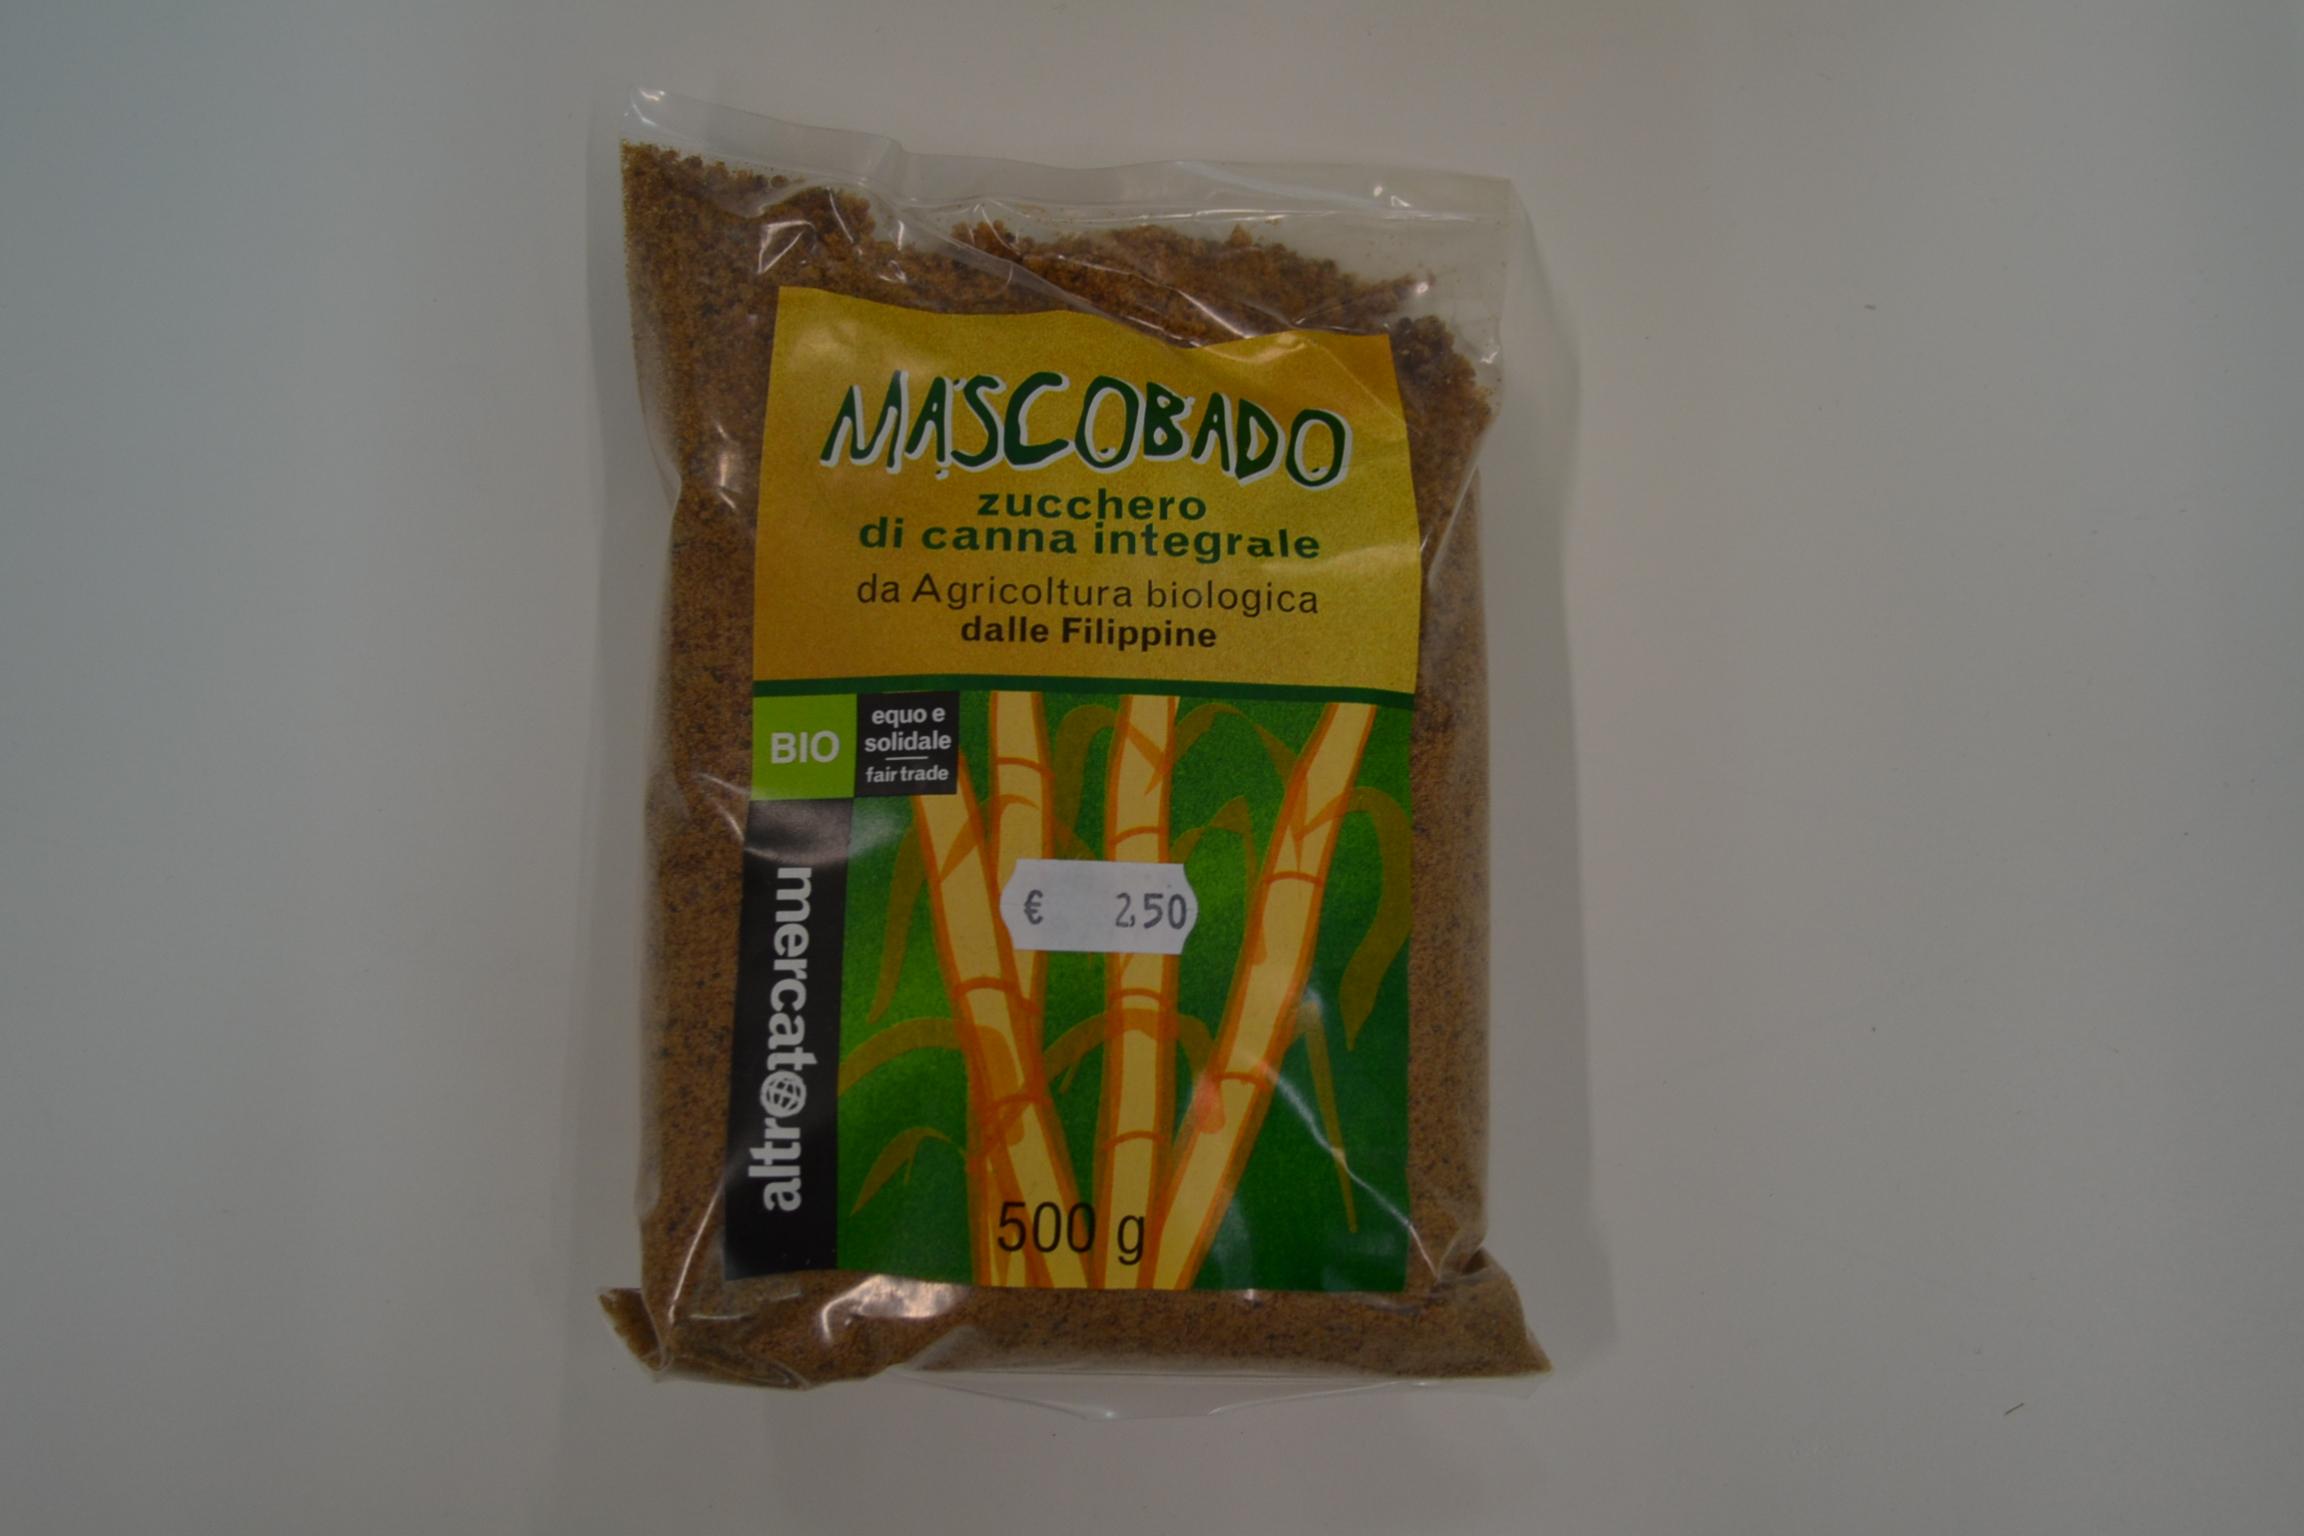 Mascobado zucchero di canna integrale g.500 ALTROMERCATO € 2,50